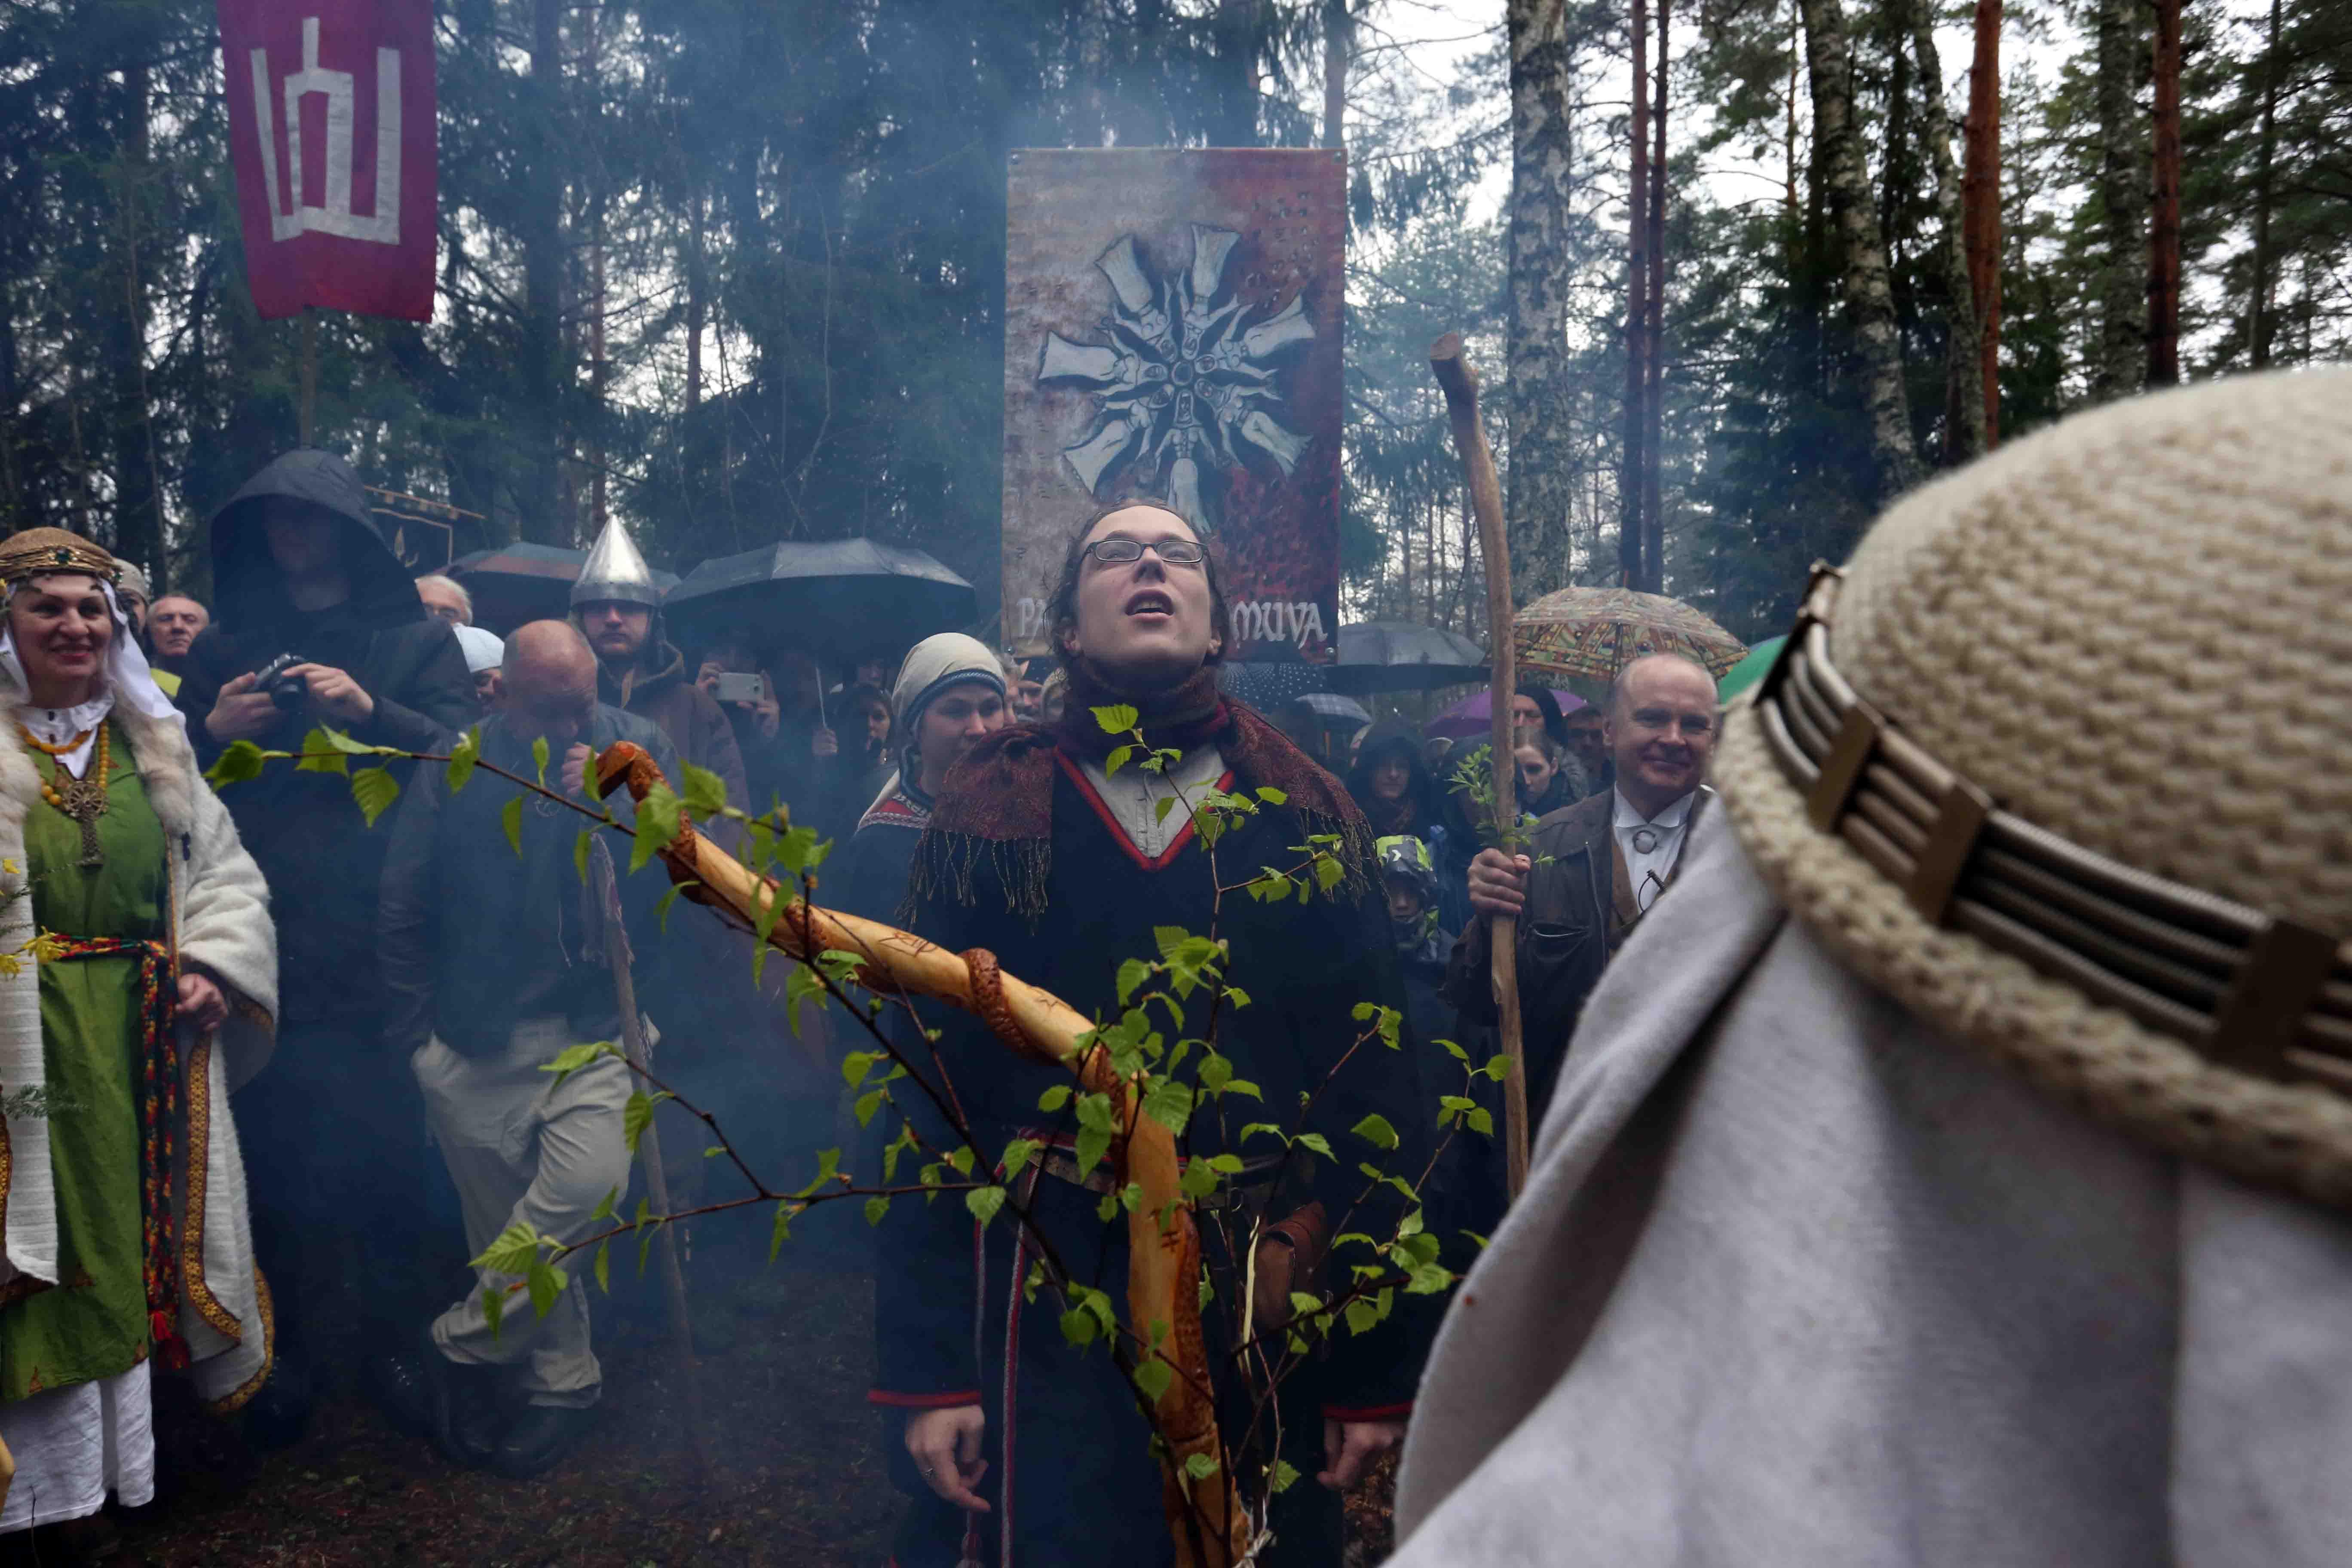 Įšvenčiamieji į Vaidilas gavo Krivės ir Vaidilų palaimintus galios ženklus – krivules | Alkas.lt, A. Sartanavičiaus nuotr.